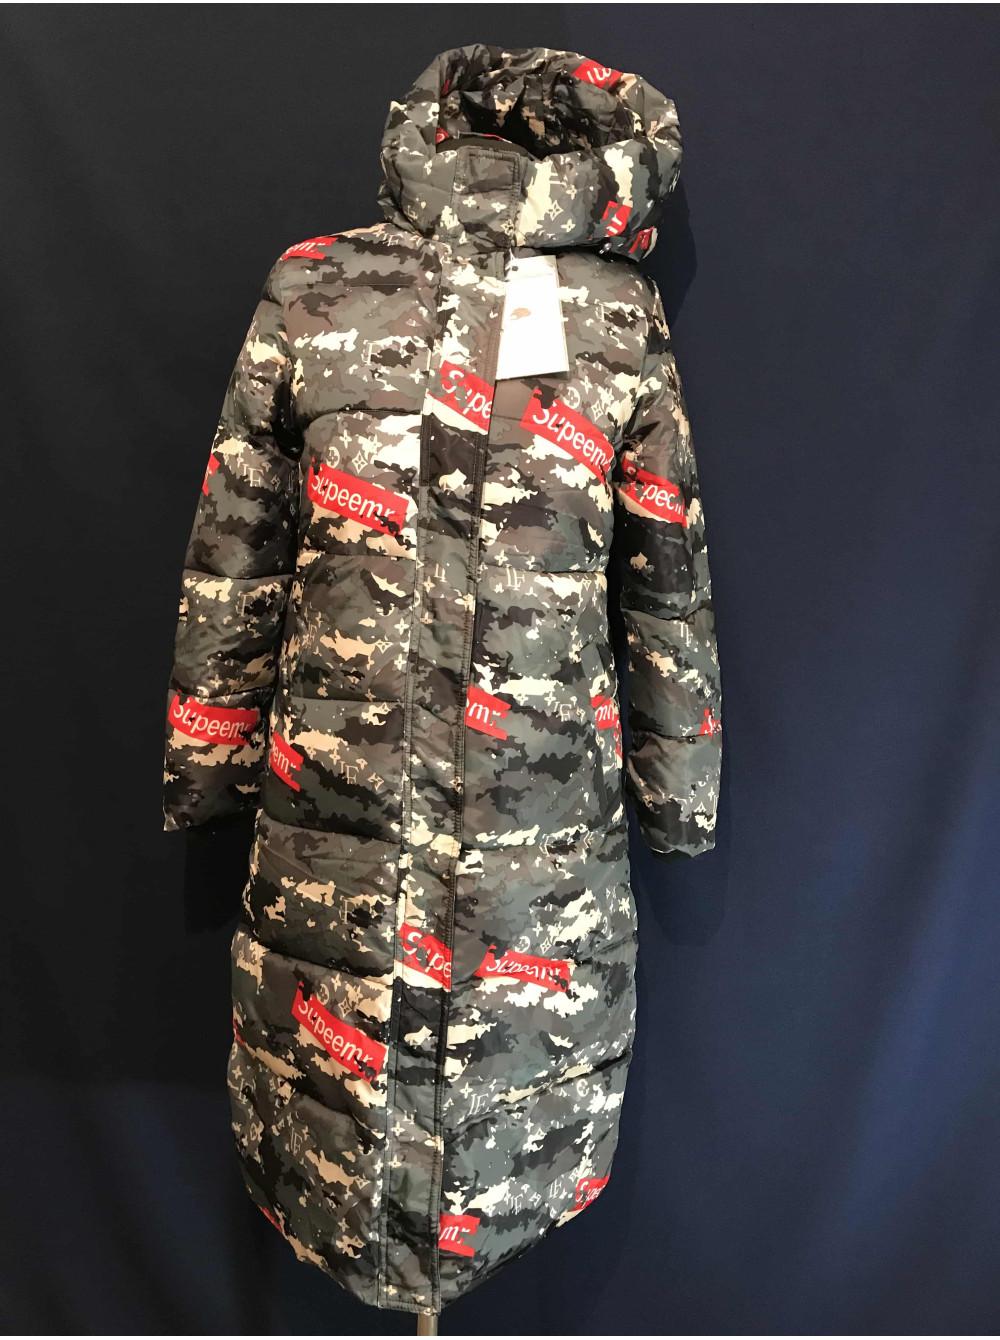 Жіноче пальто зимове Supeemr купити недорого оптом і роздріб 315ac1e37449a